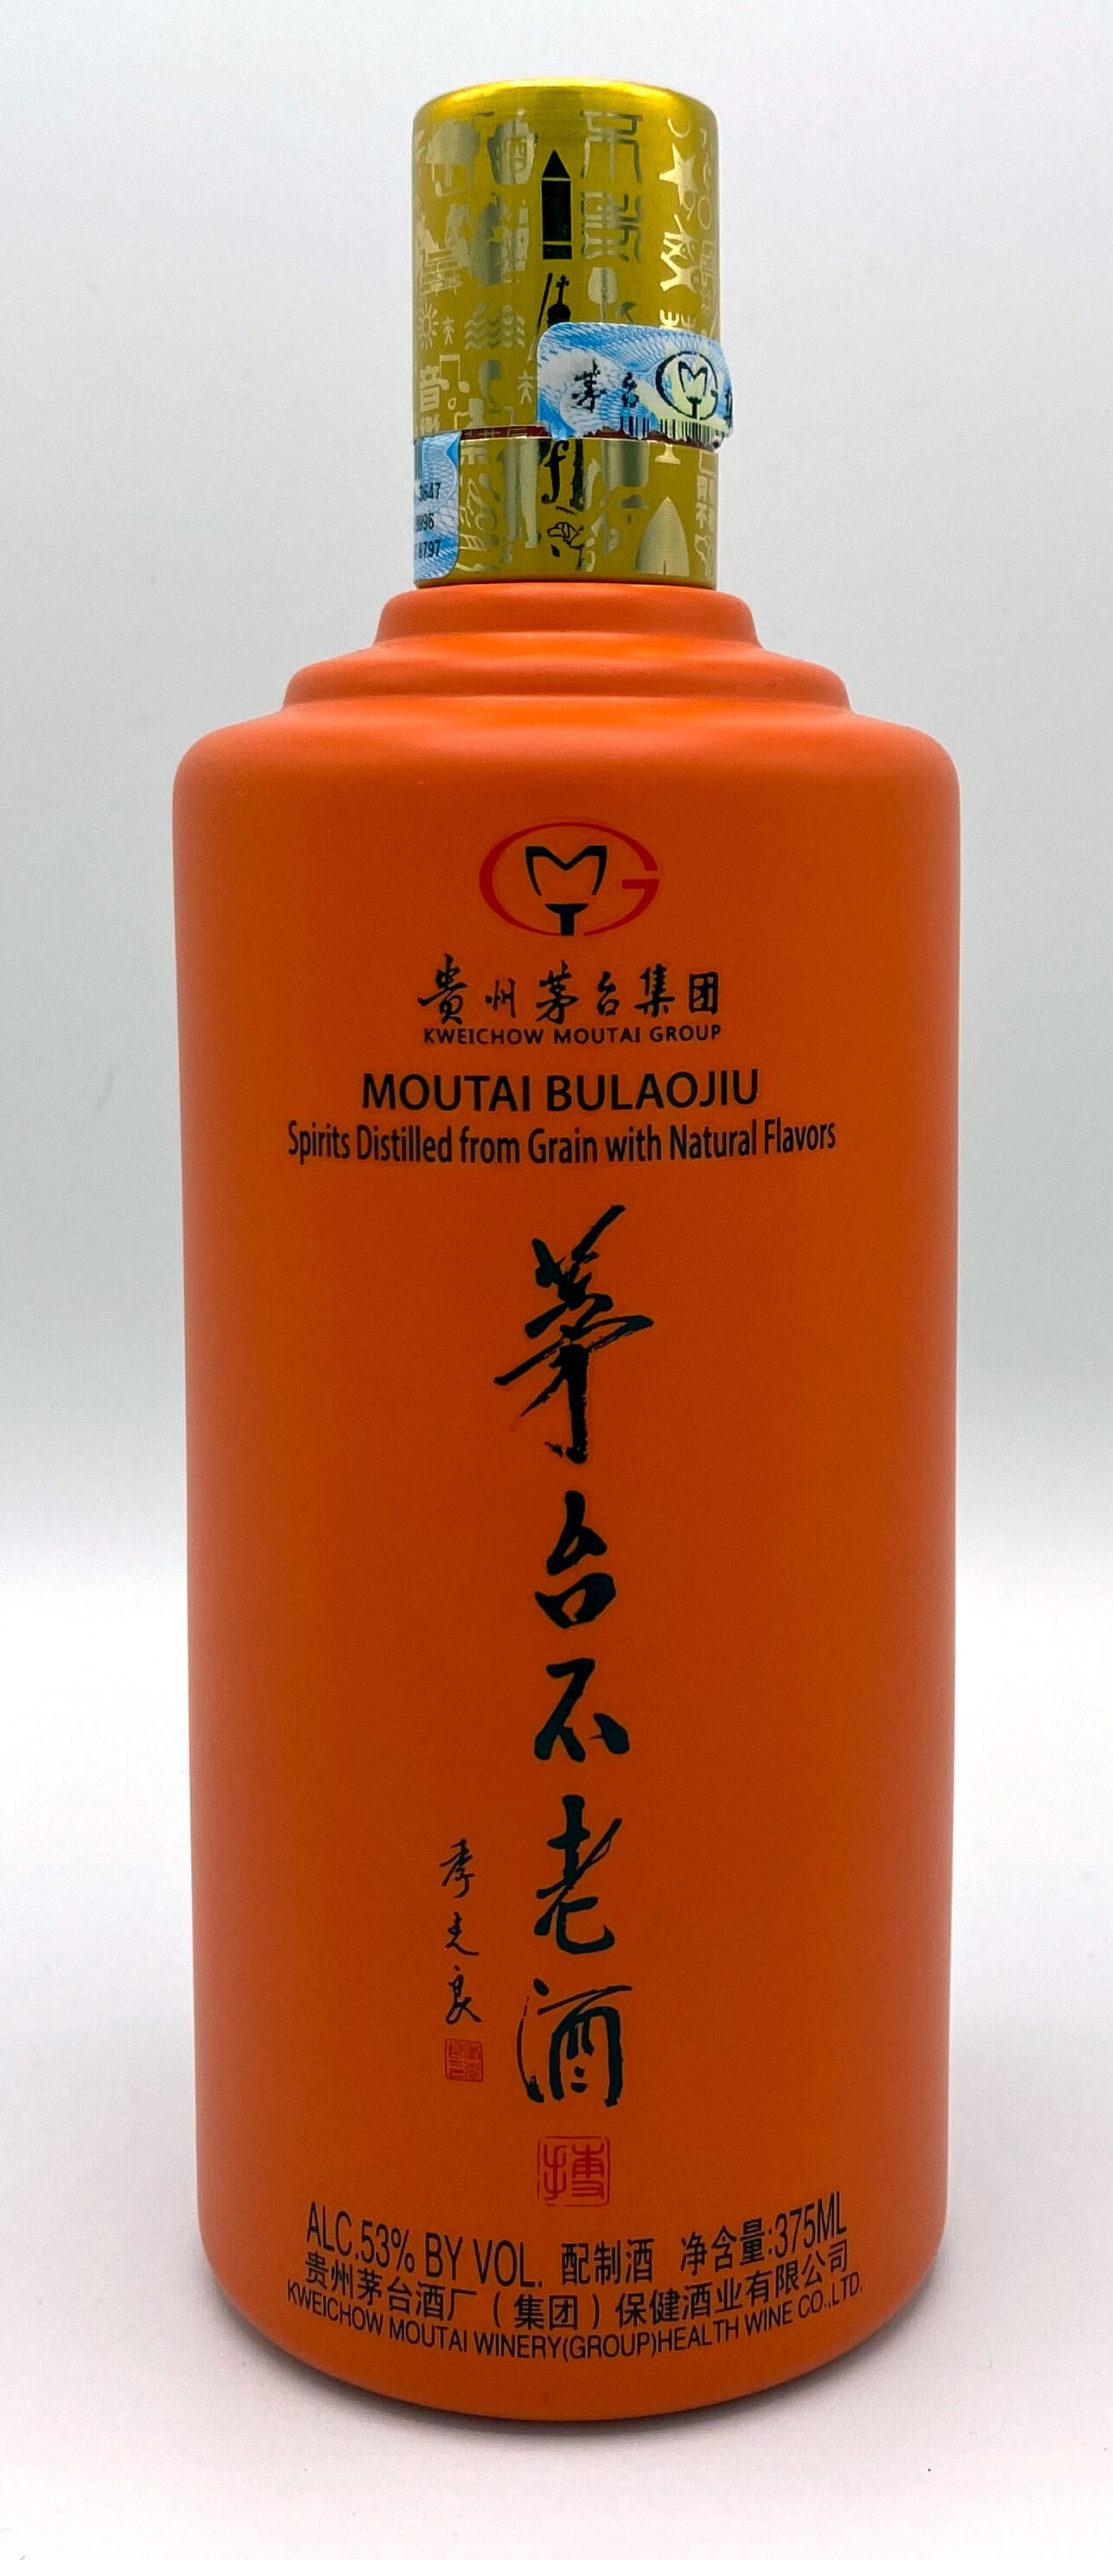 Moutai Bu Lao Jiu